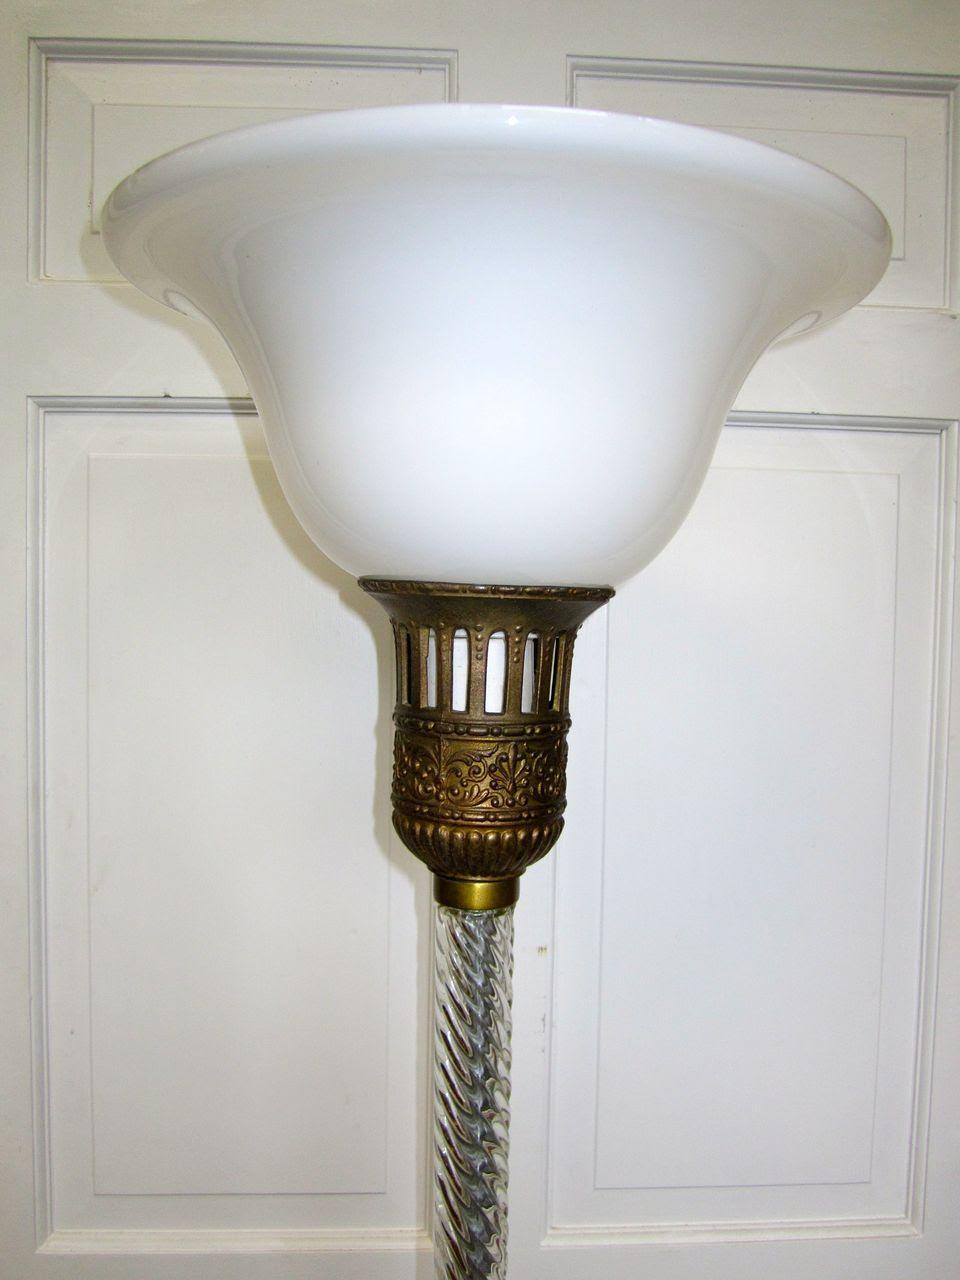 Frankart Signed Floor Lamp Light from revivalhome on Ruby Lane